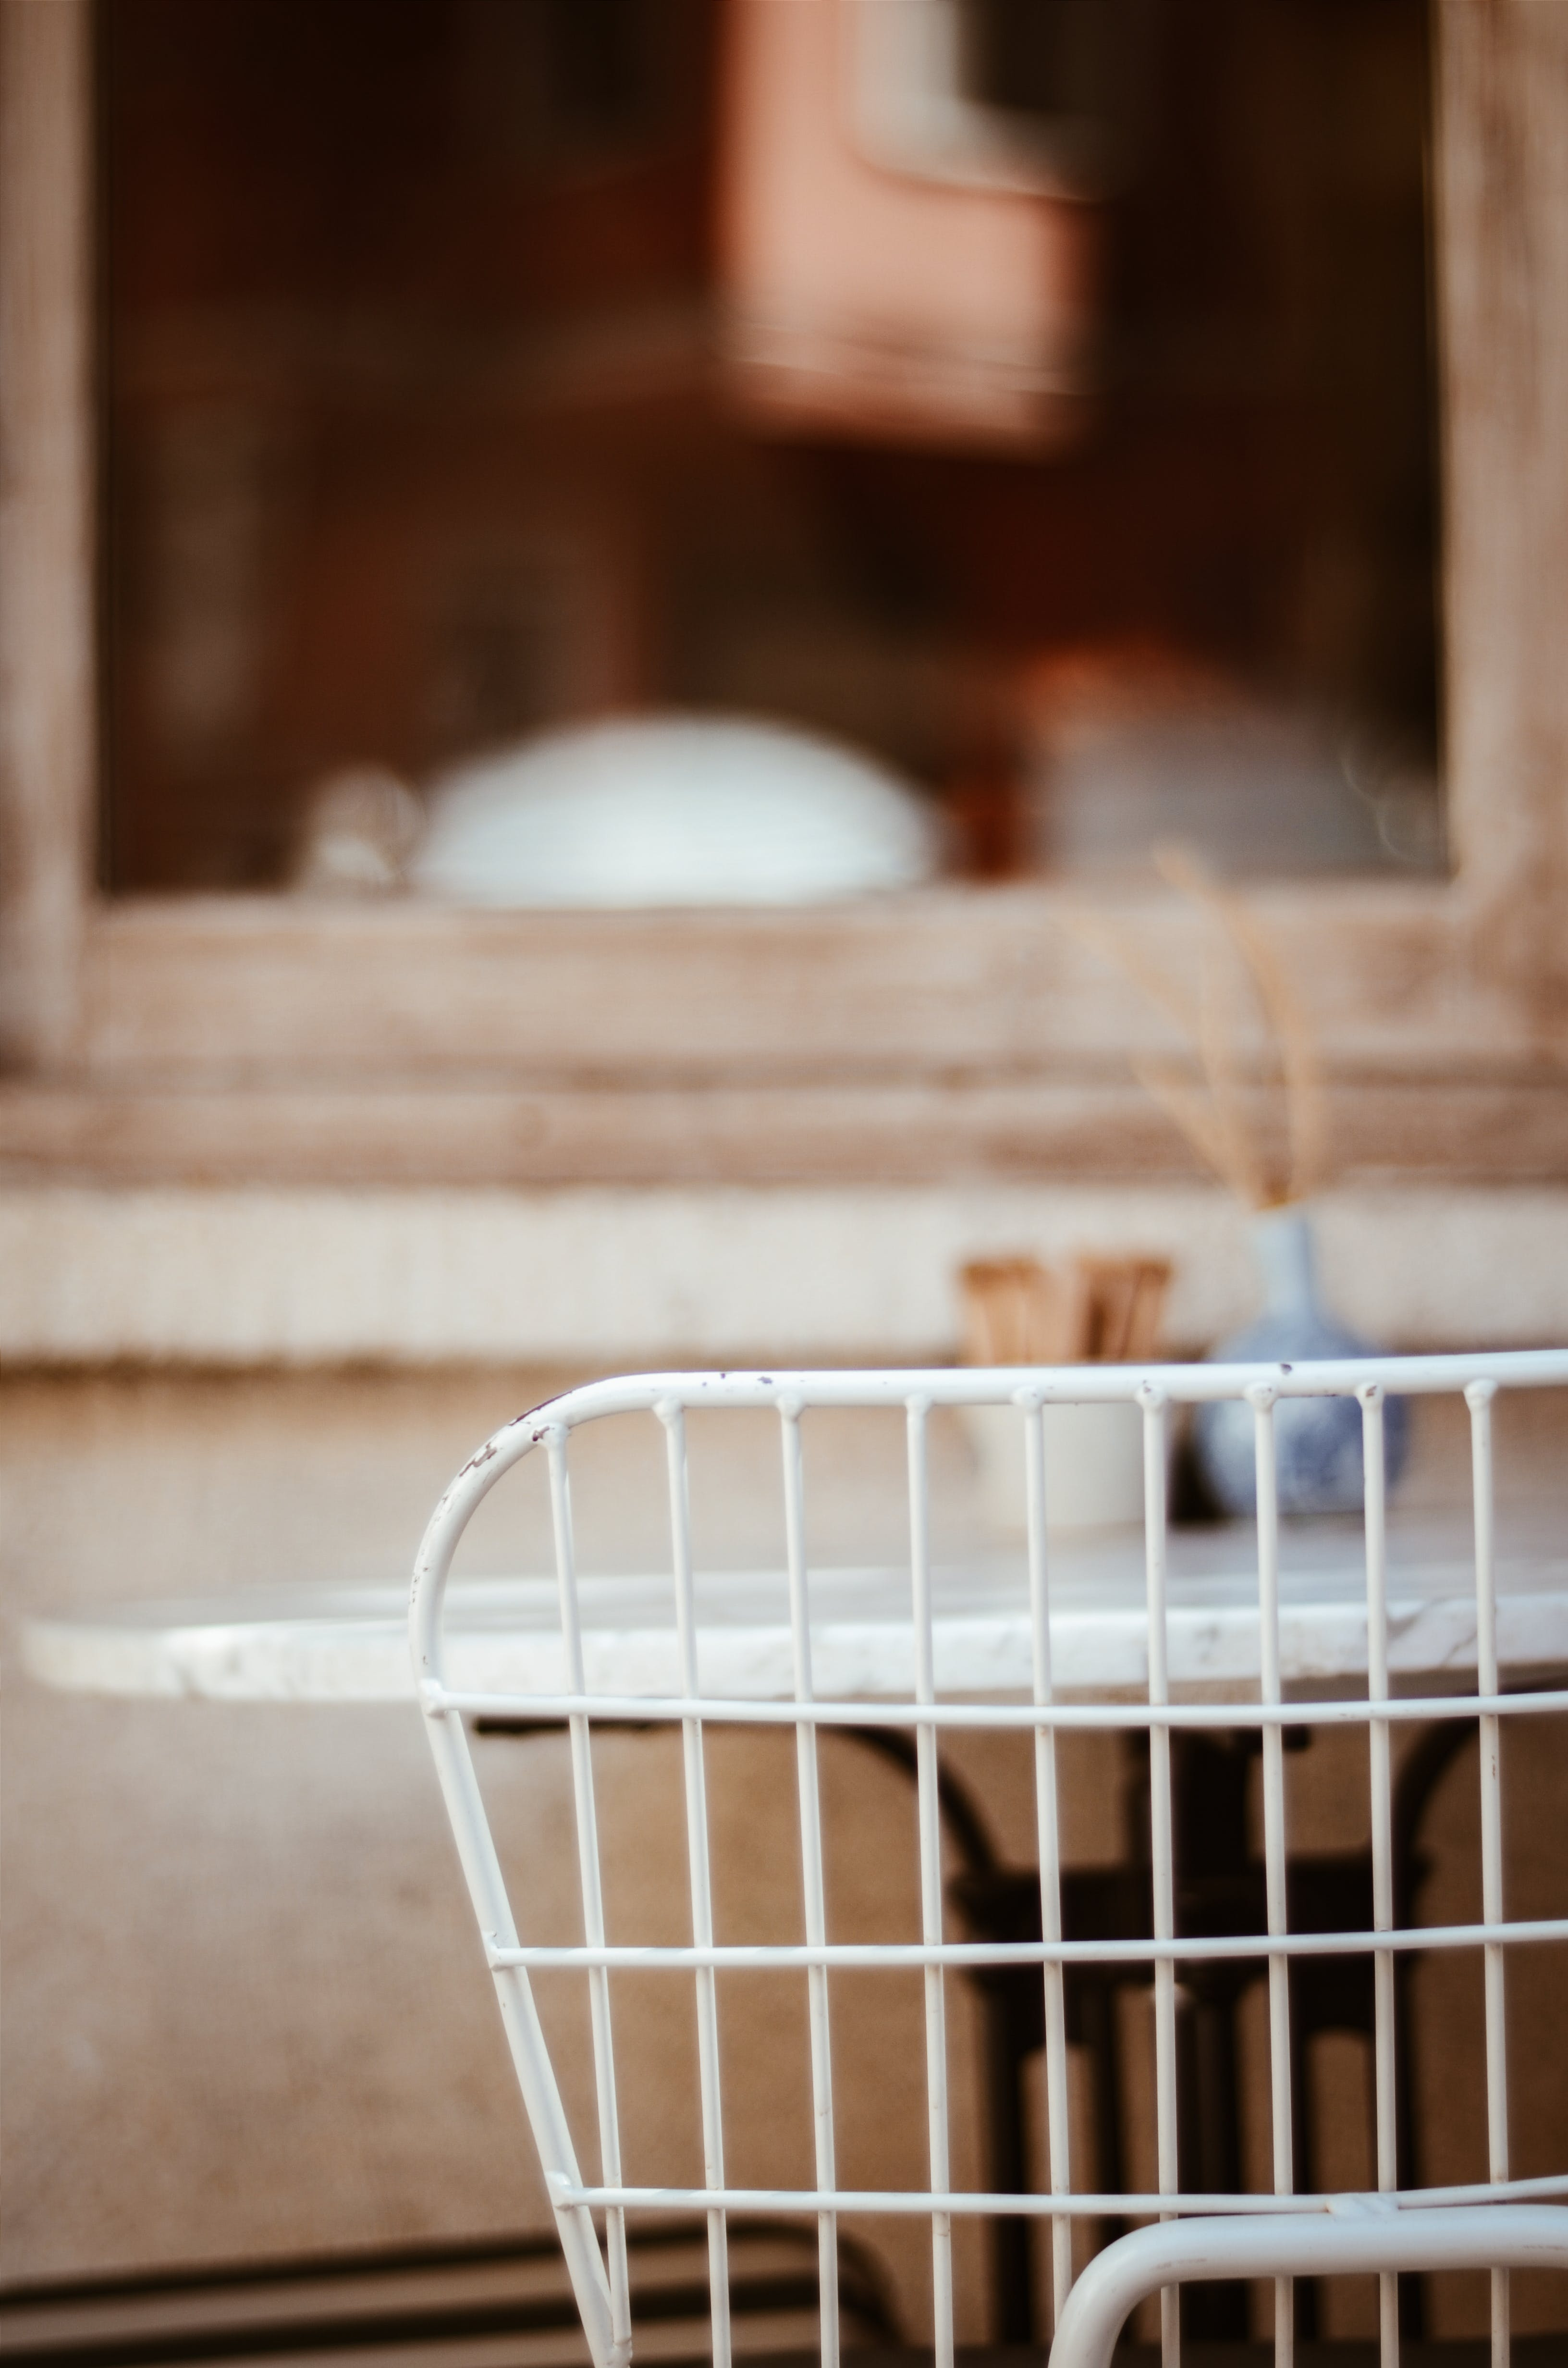 bulanık arka plan, cam, dizayn, ev içi içeren Ücretsiz stok fotoğraf